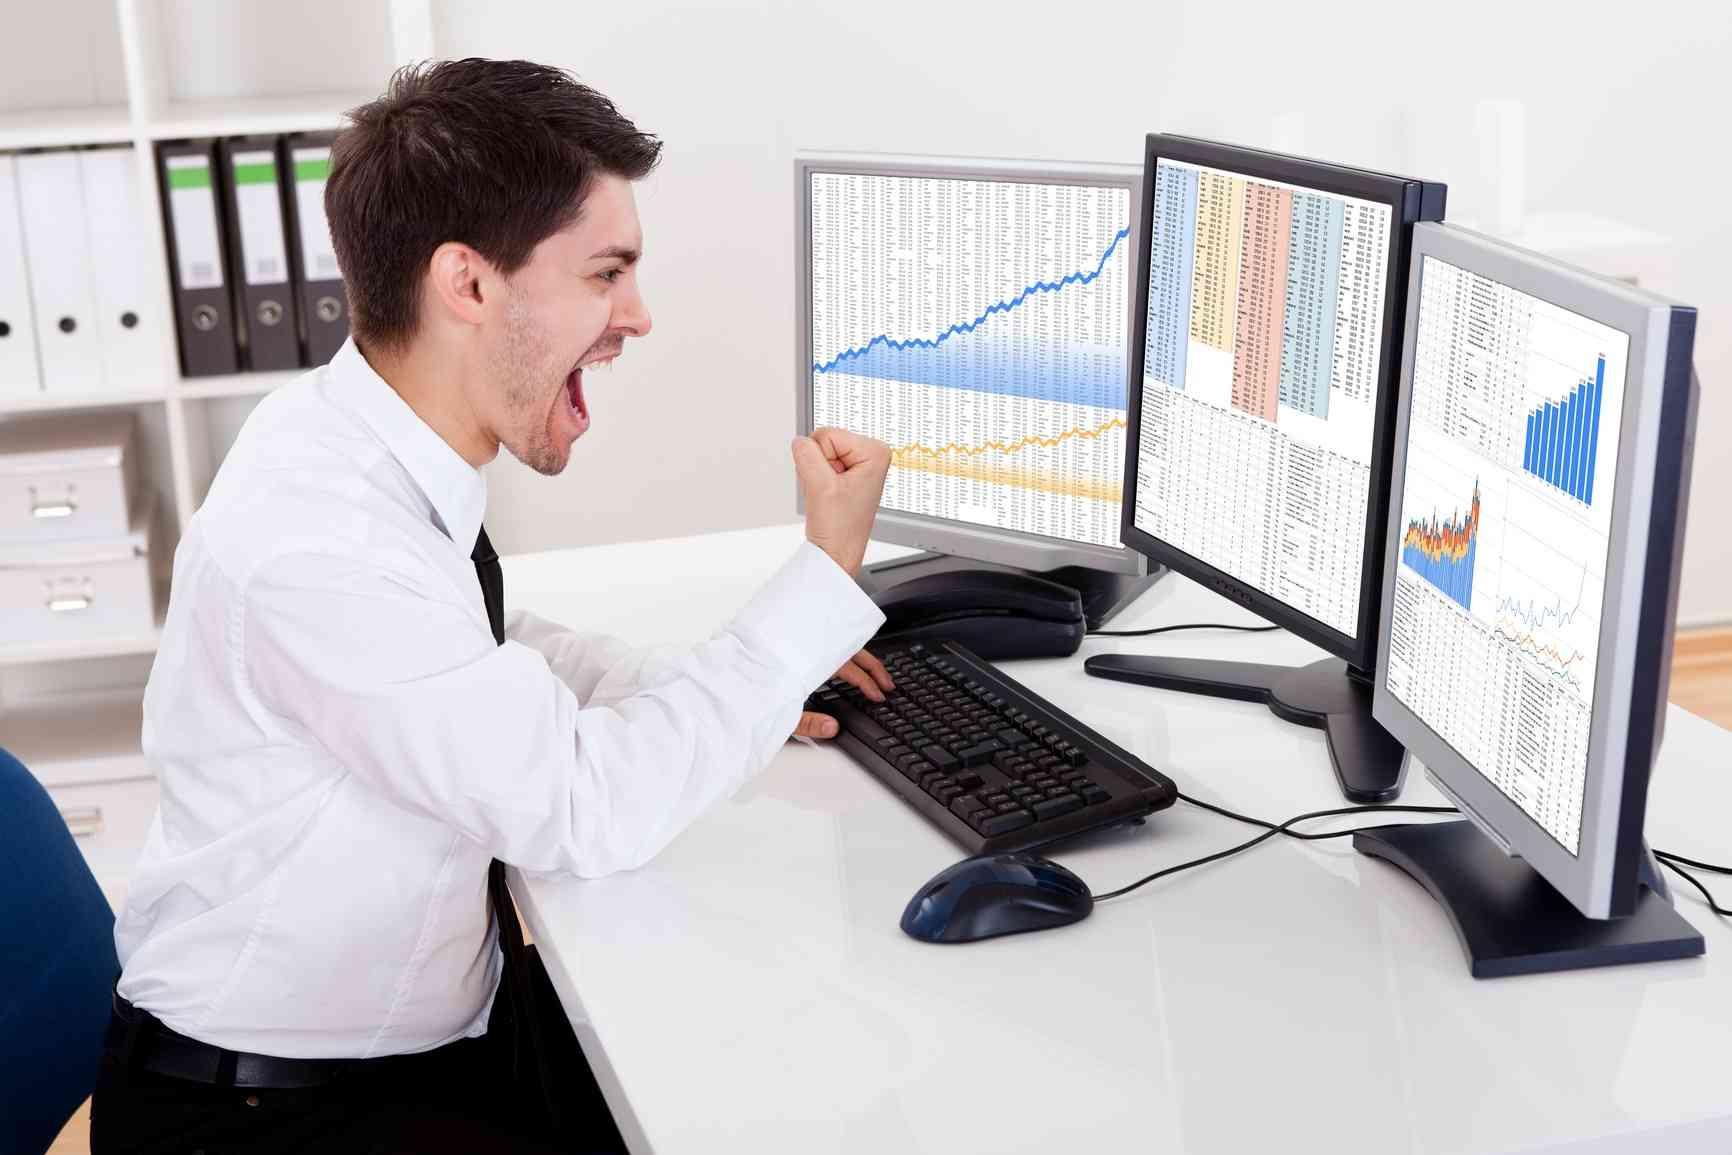 caracteristicas de un inversor en bolsa